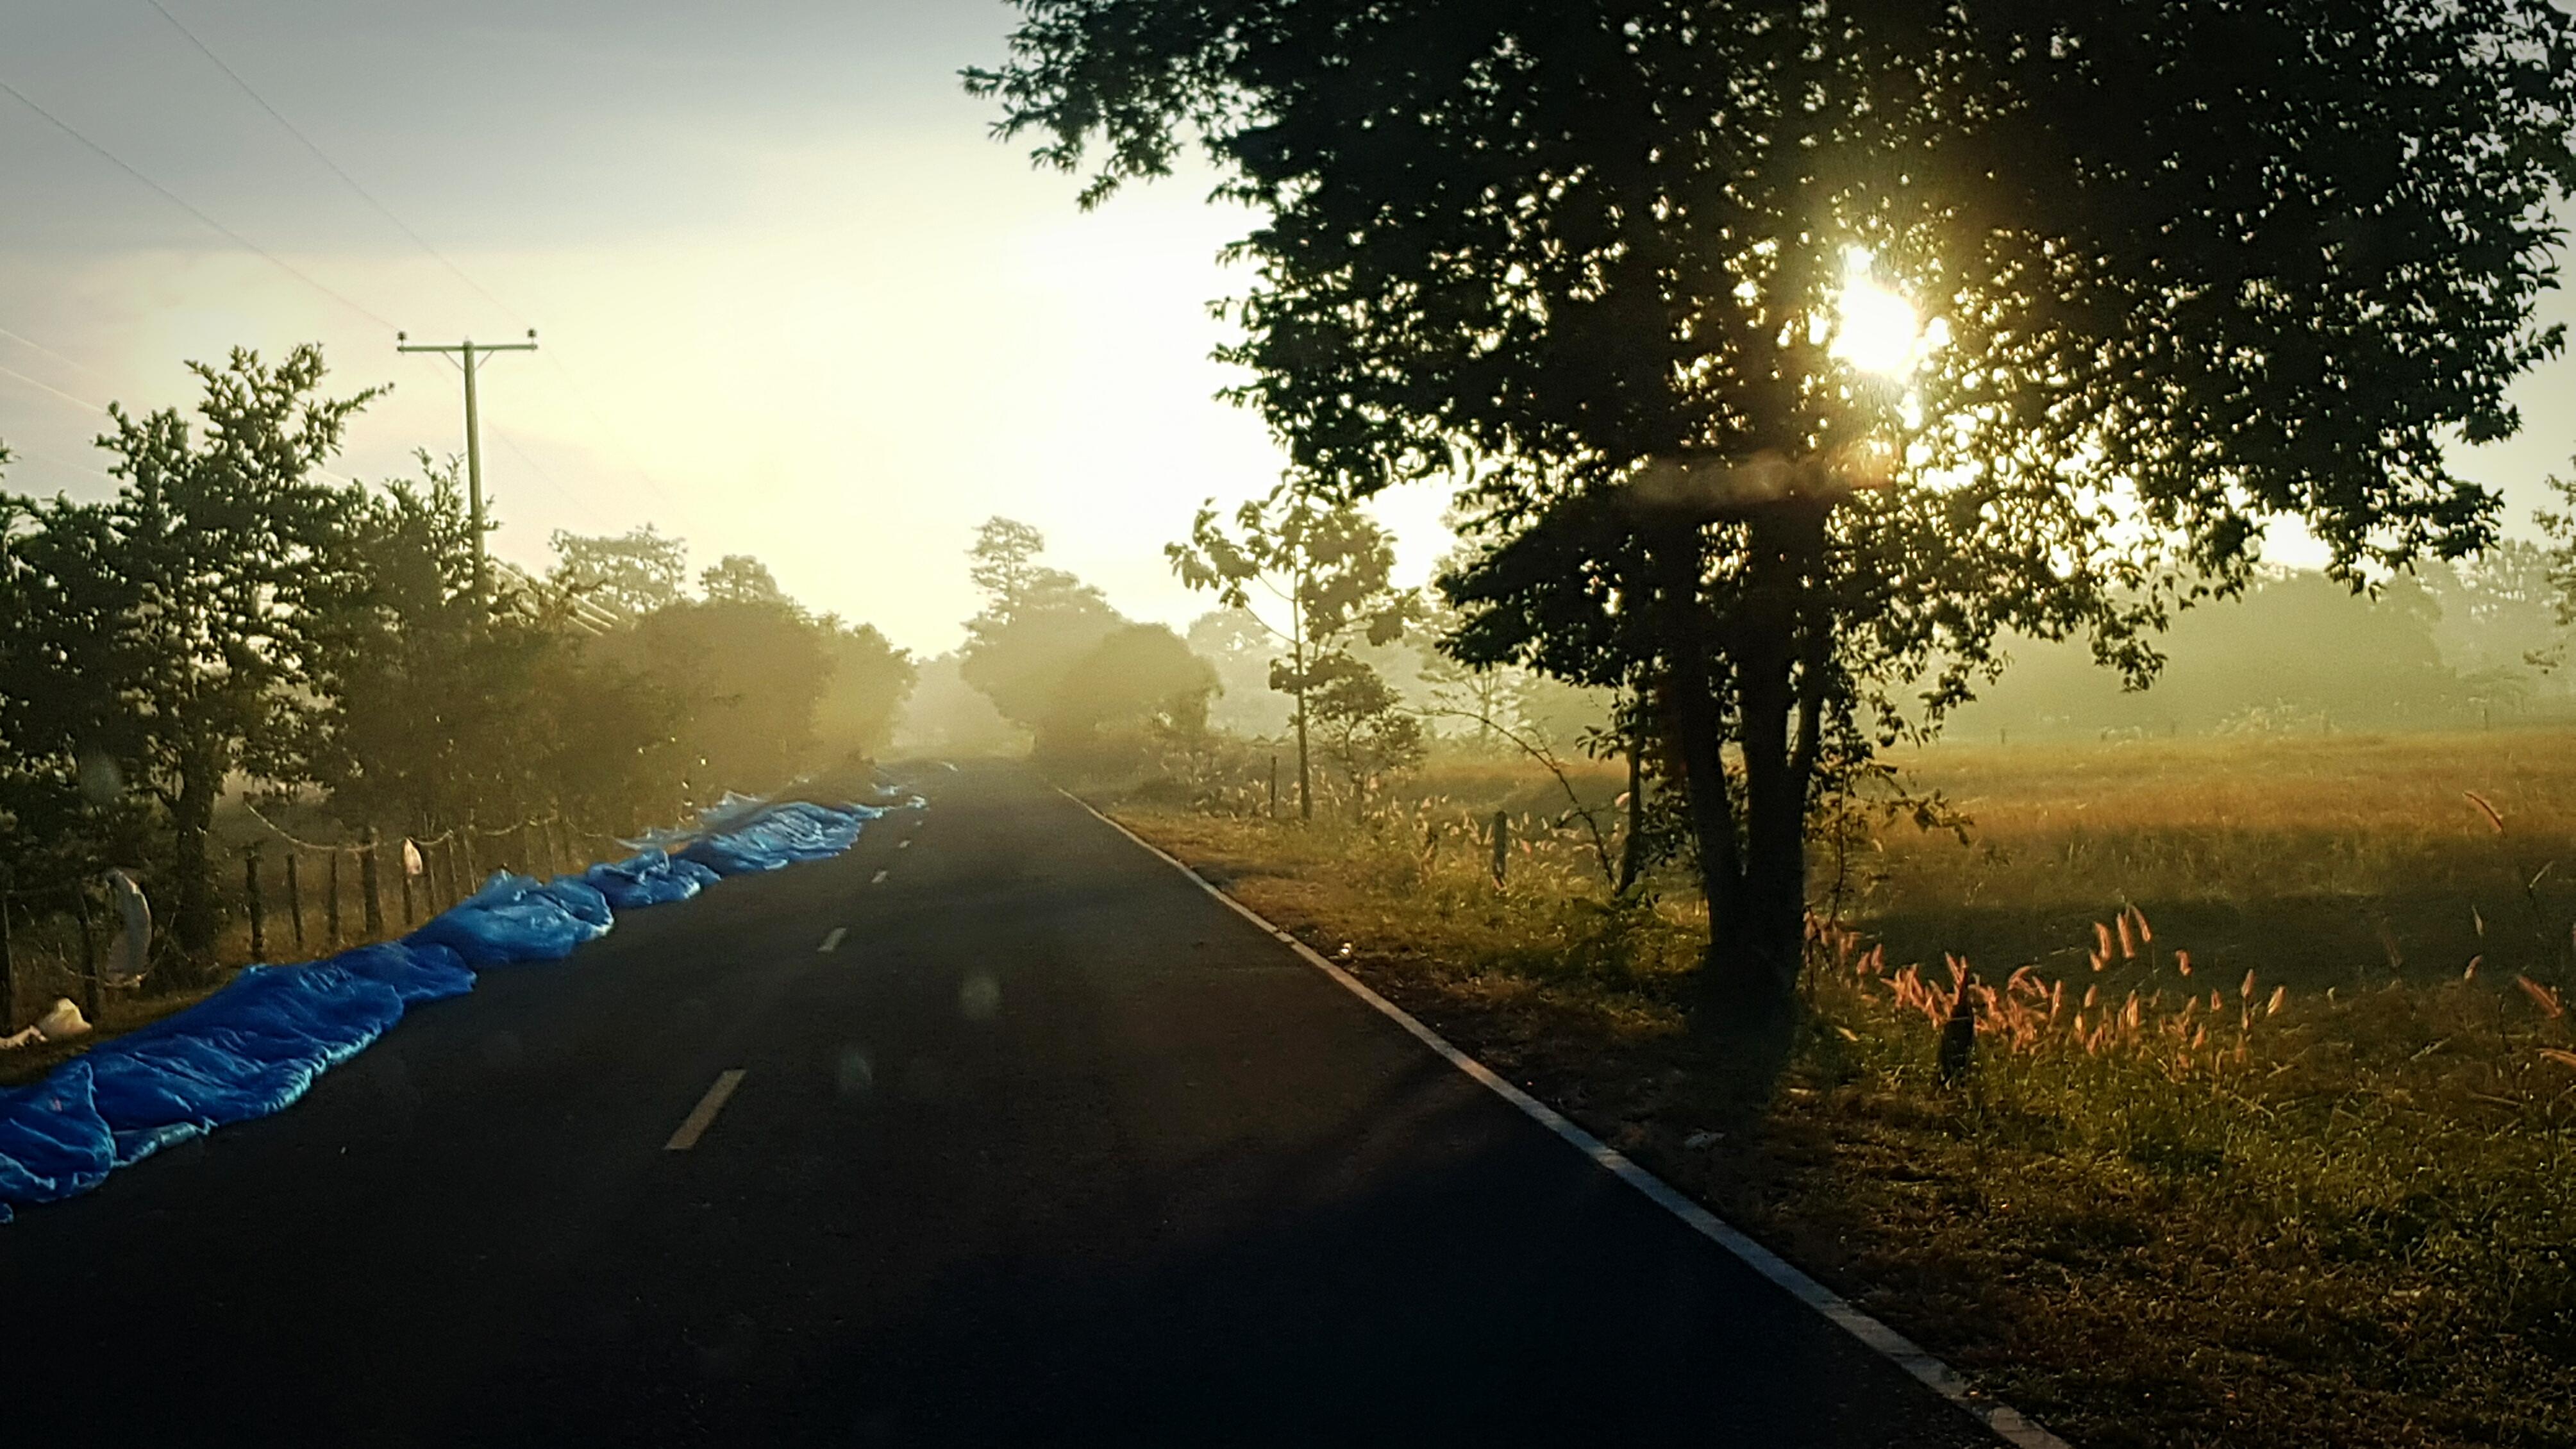 Gambar : sinar matahari, cahaya, melalui, pagi, sawah, panen